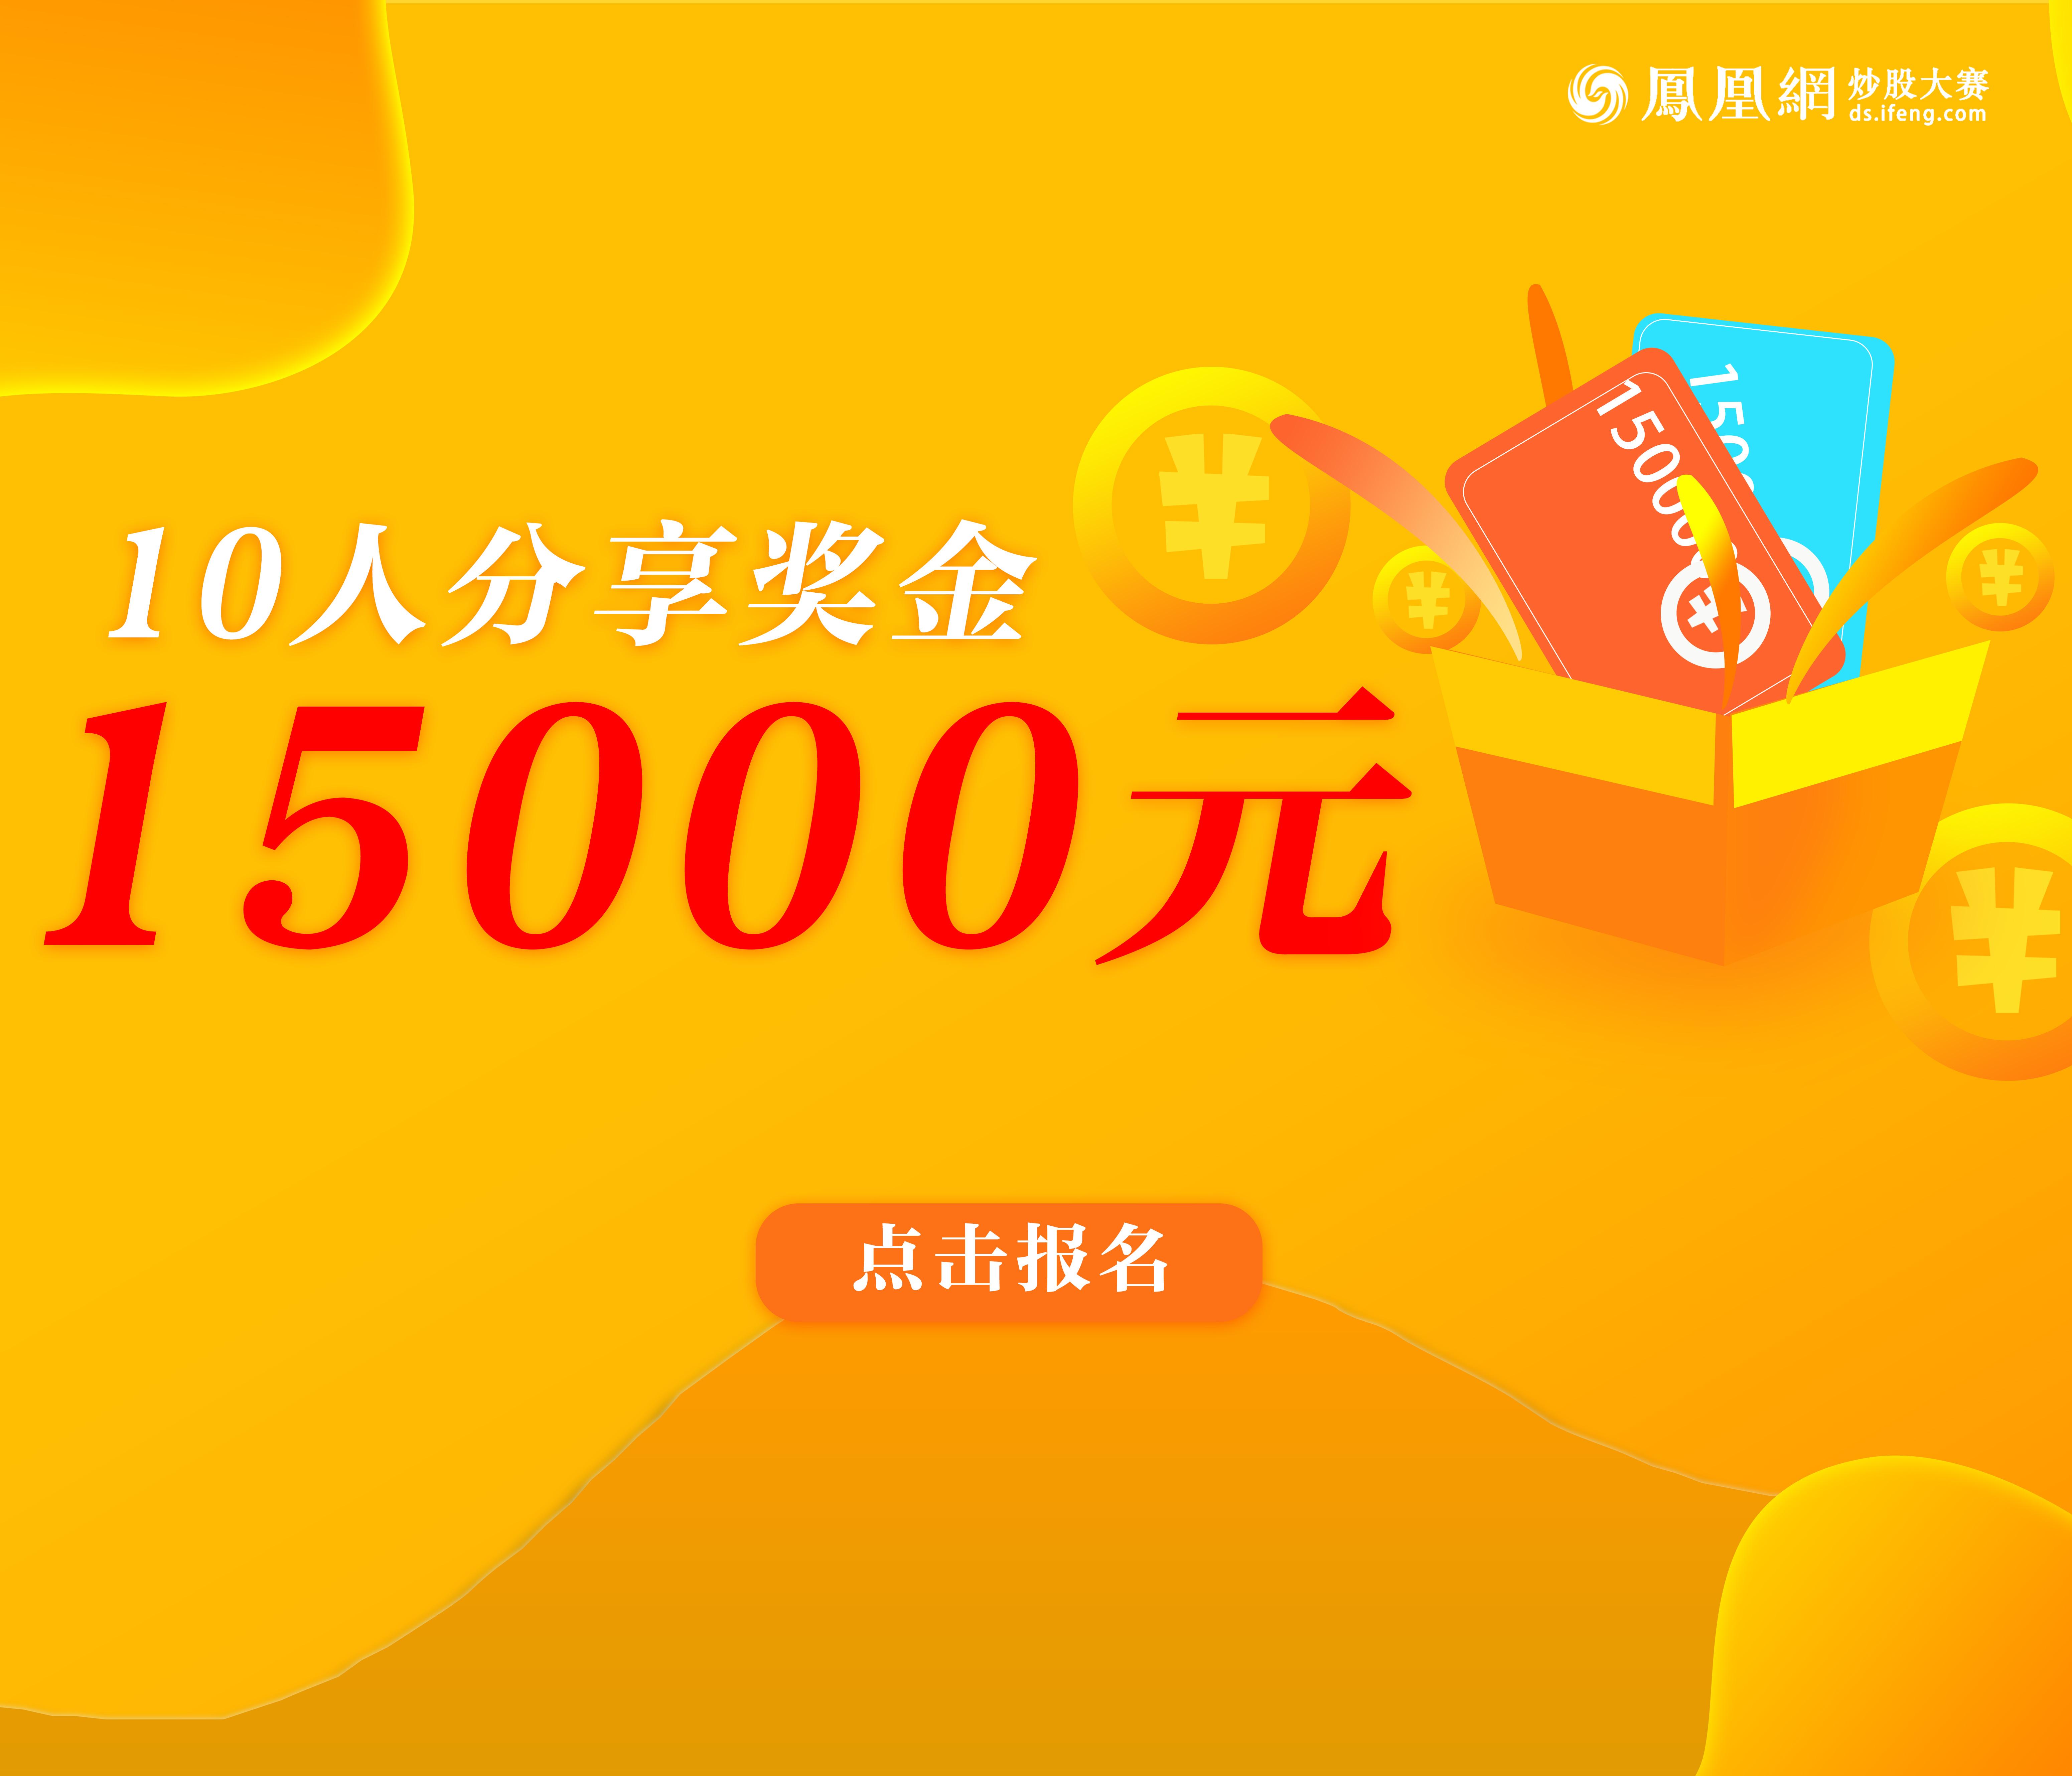 10人分享15000奖金 还剩12.5万大奖